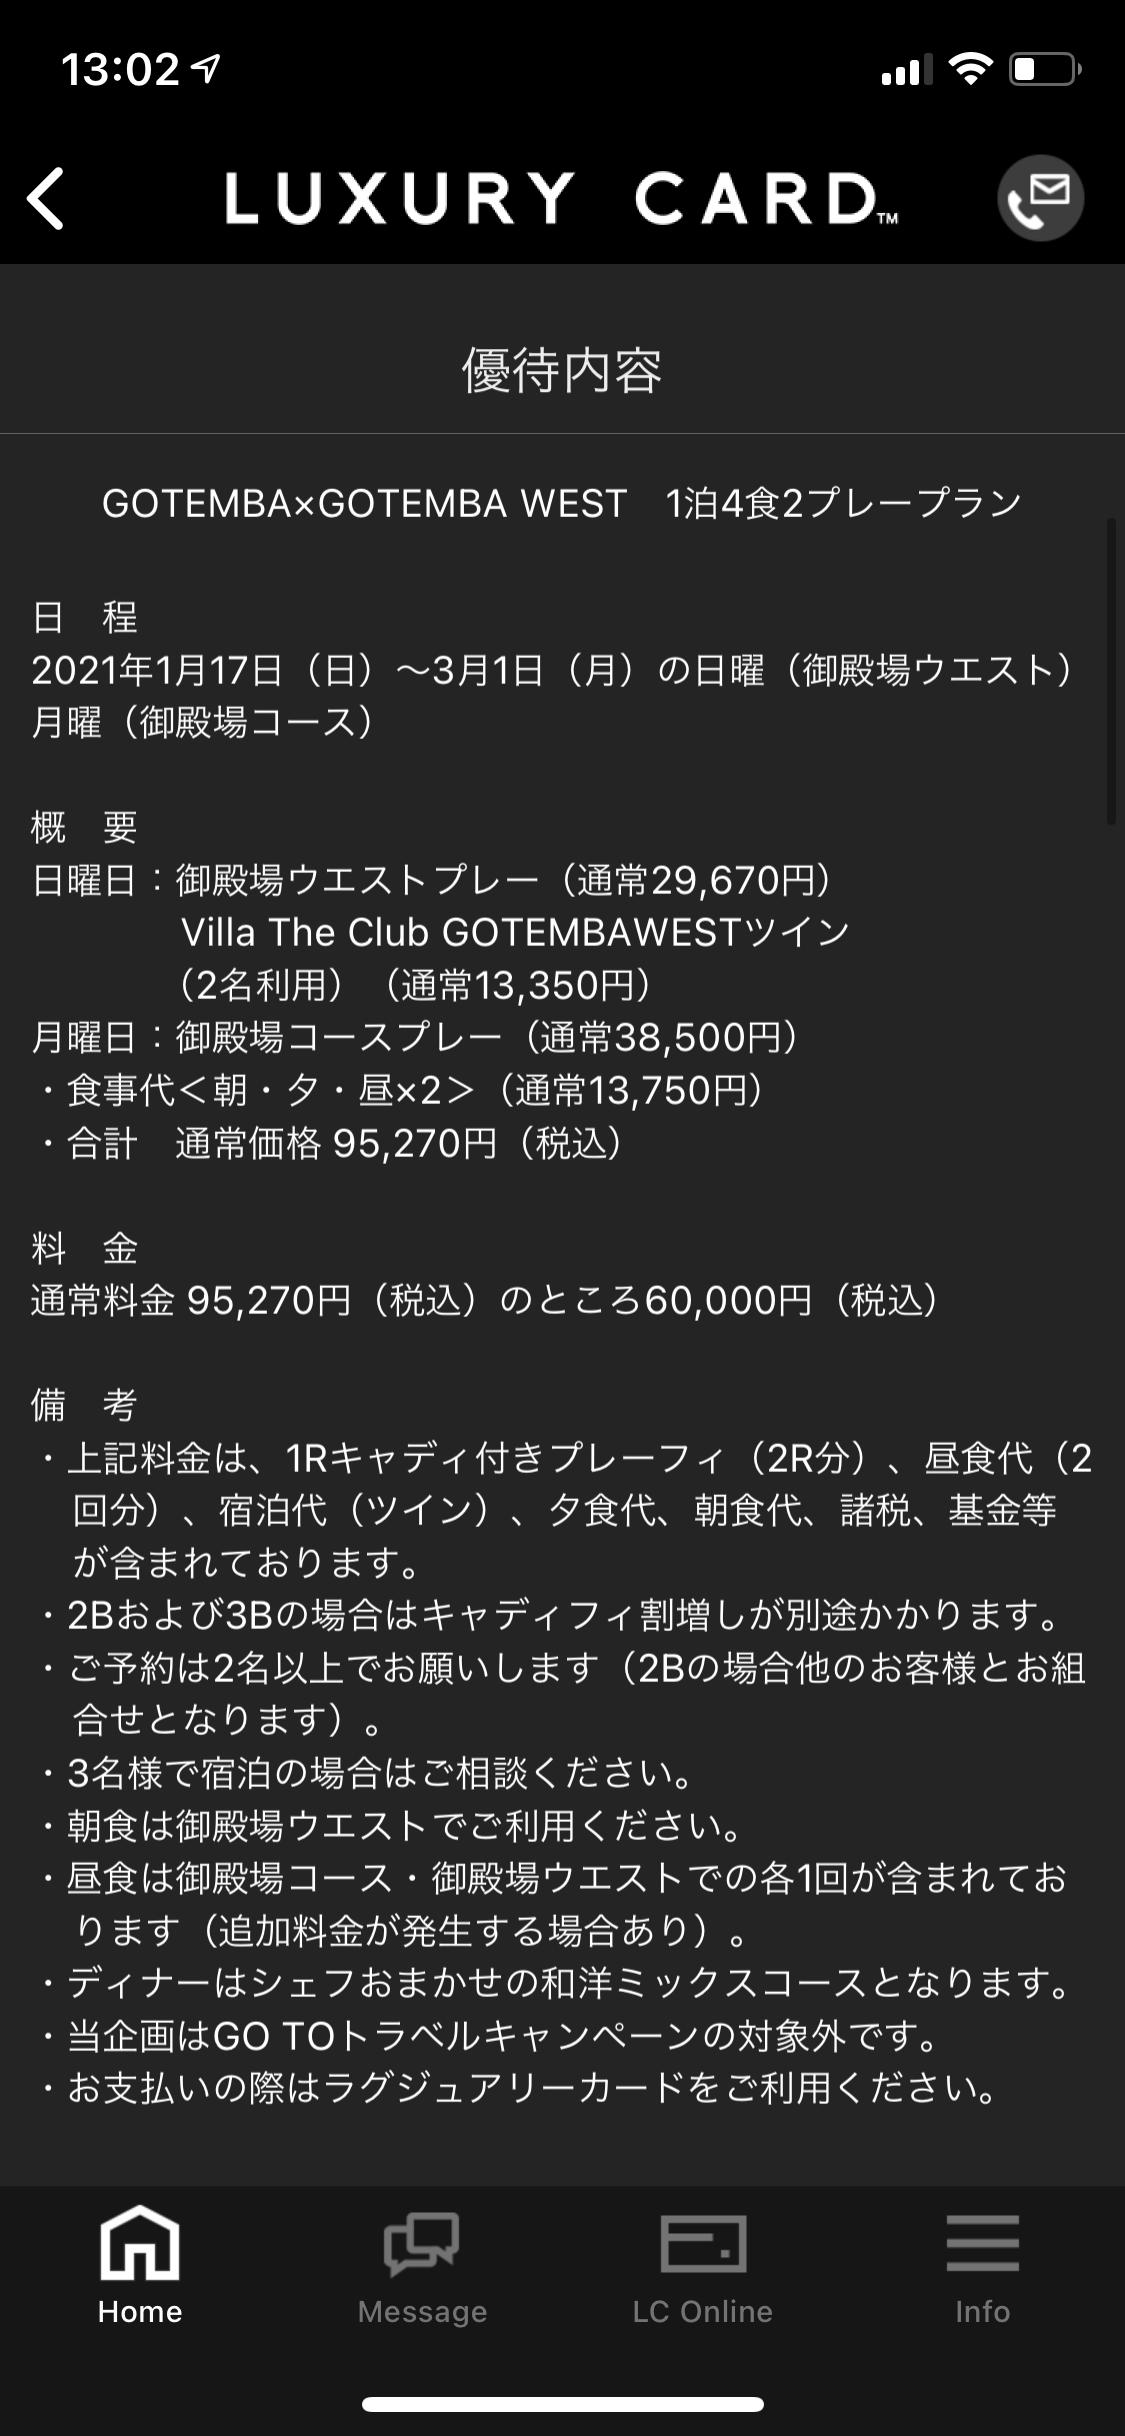 ラグジュアリーカードの太平洋クラブ御殿場コースプレー付き宿泊特別プラン (4)